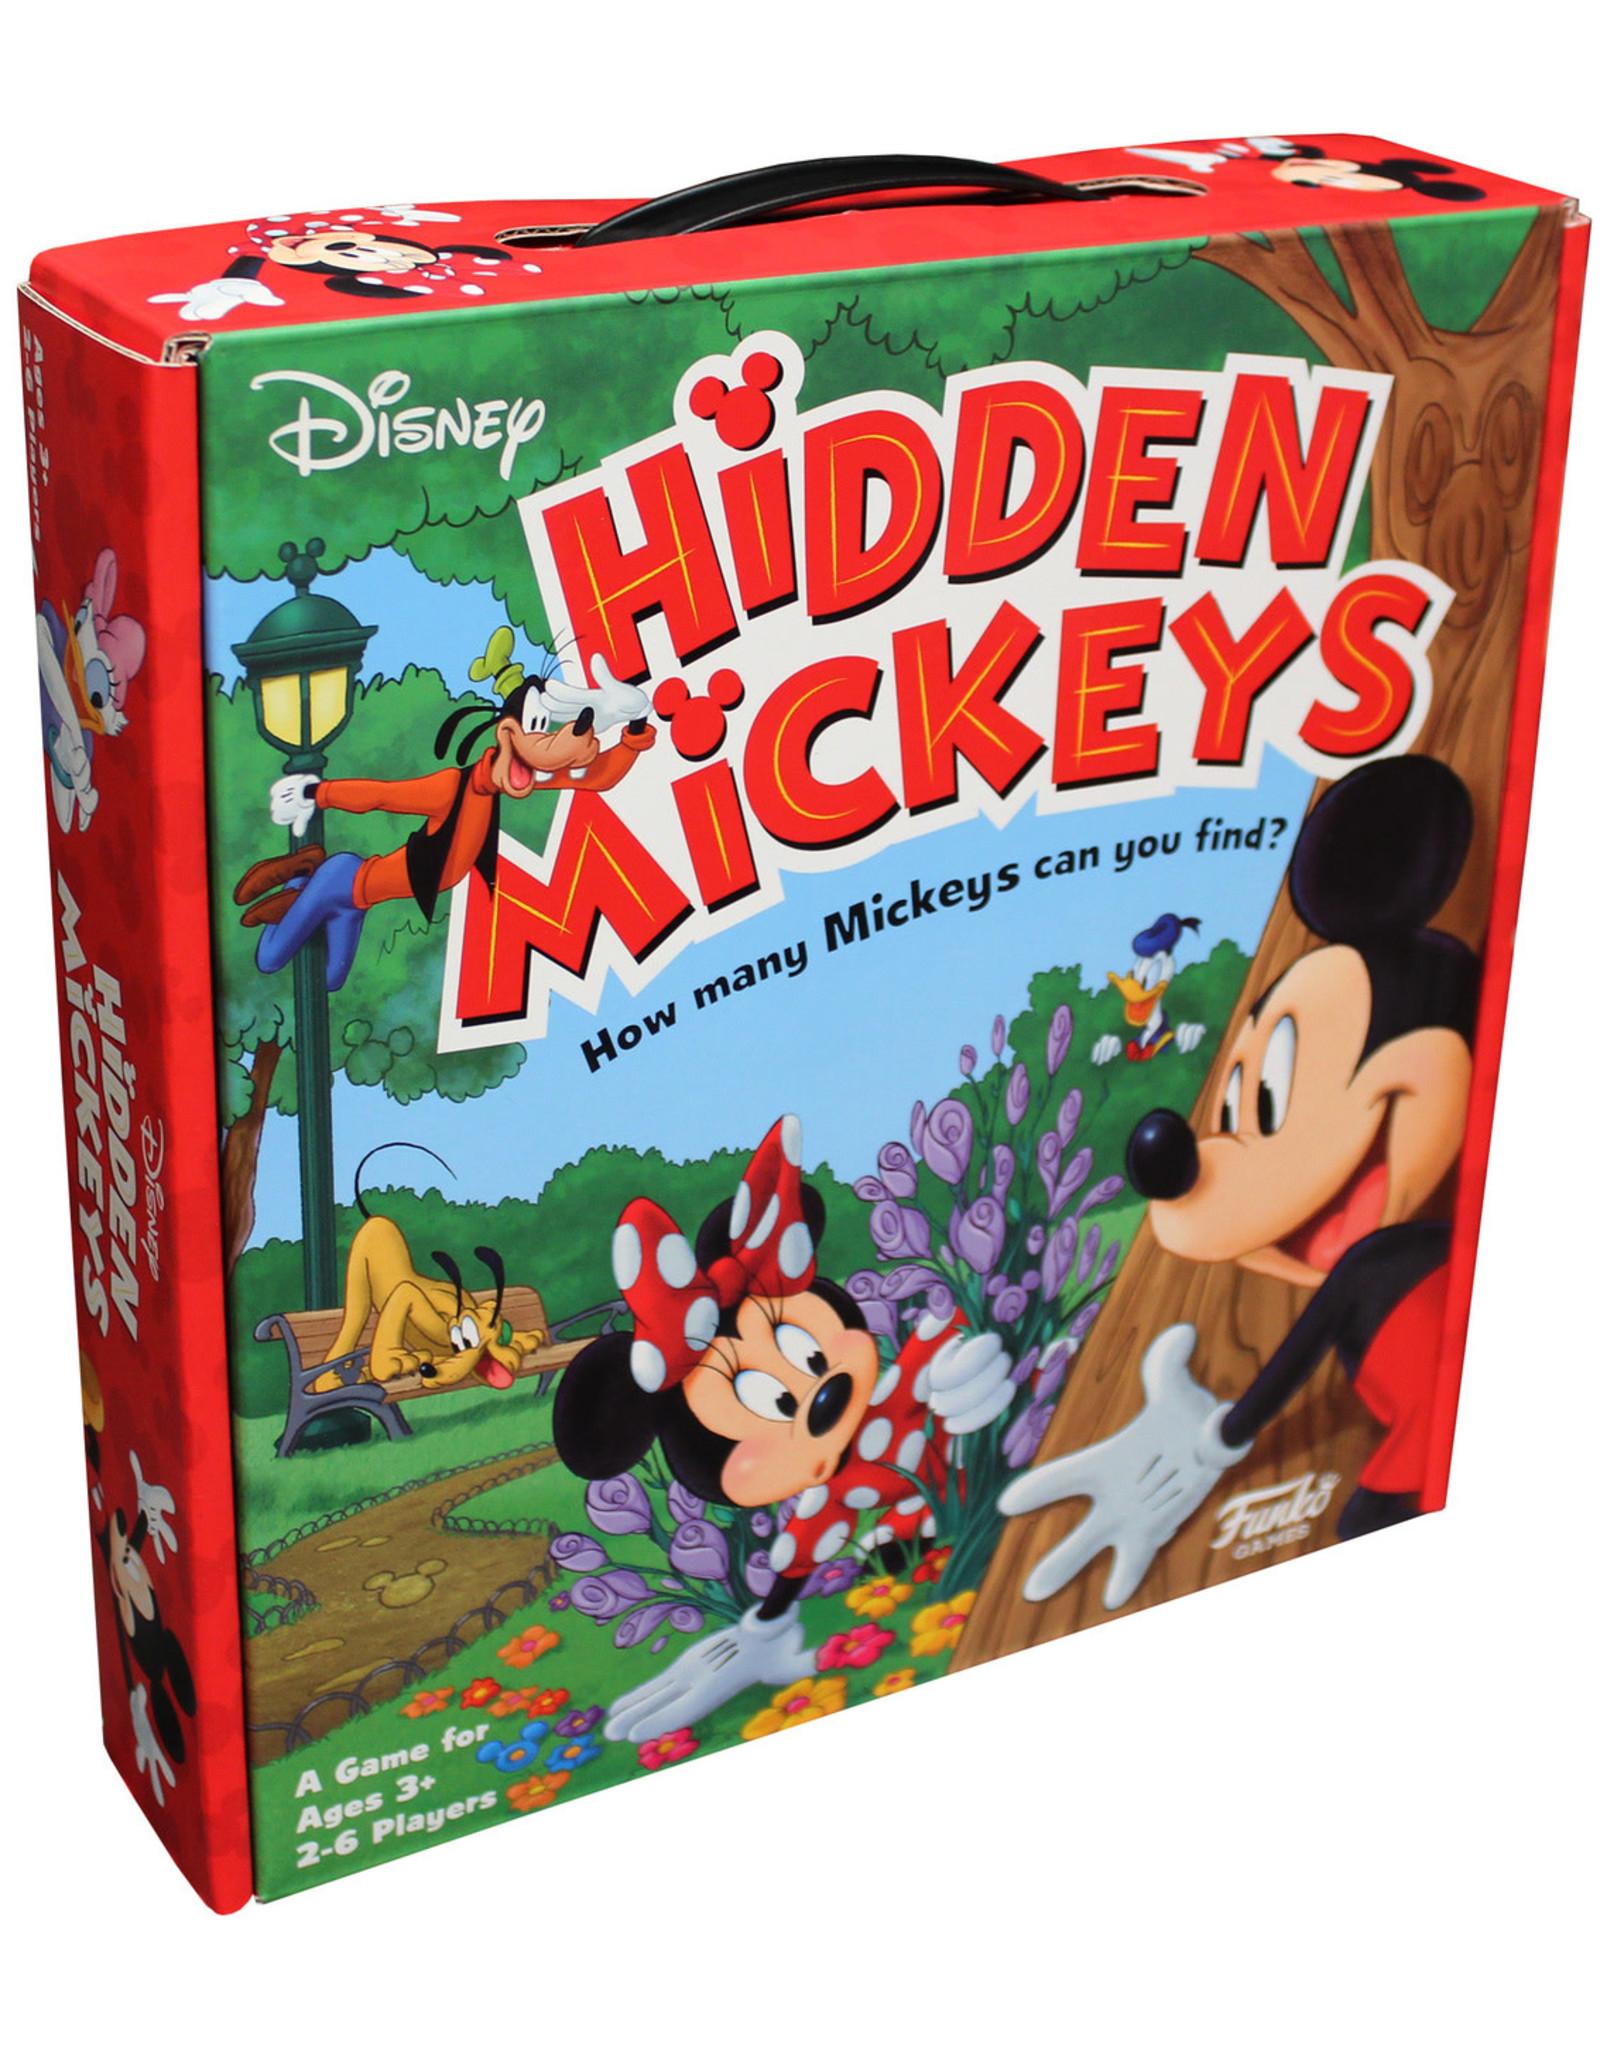 Funko Games Hidden Mickeys